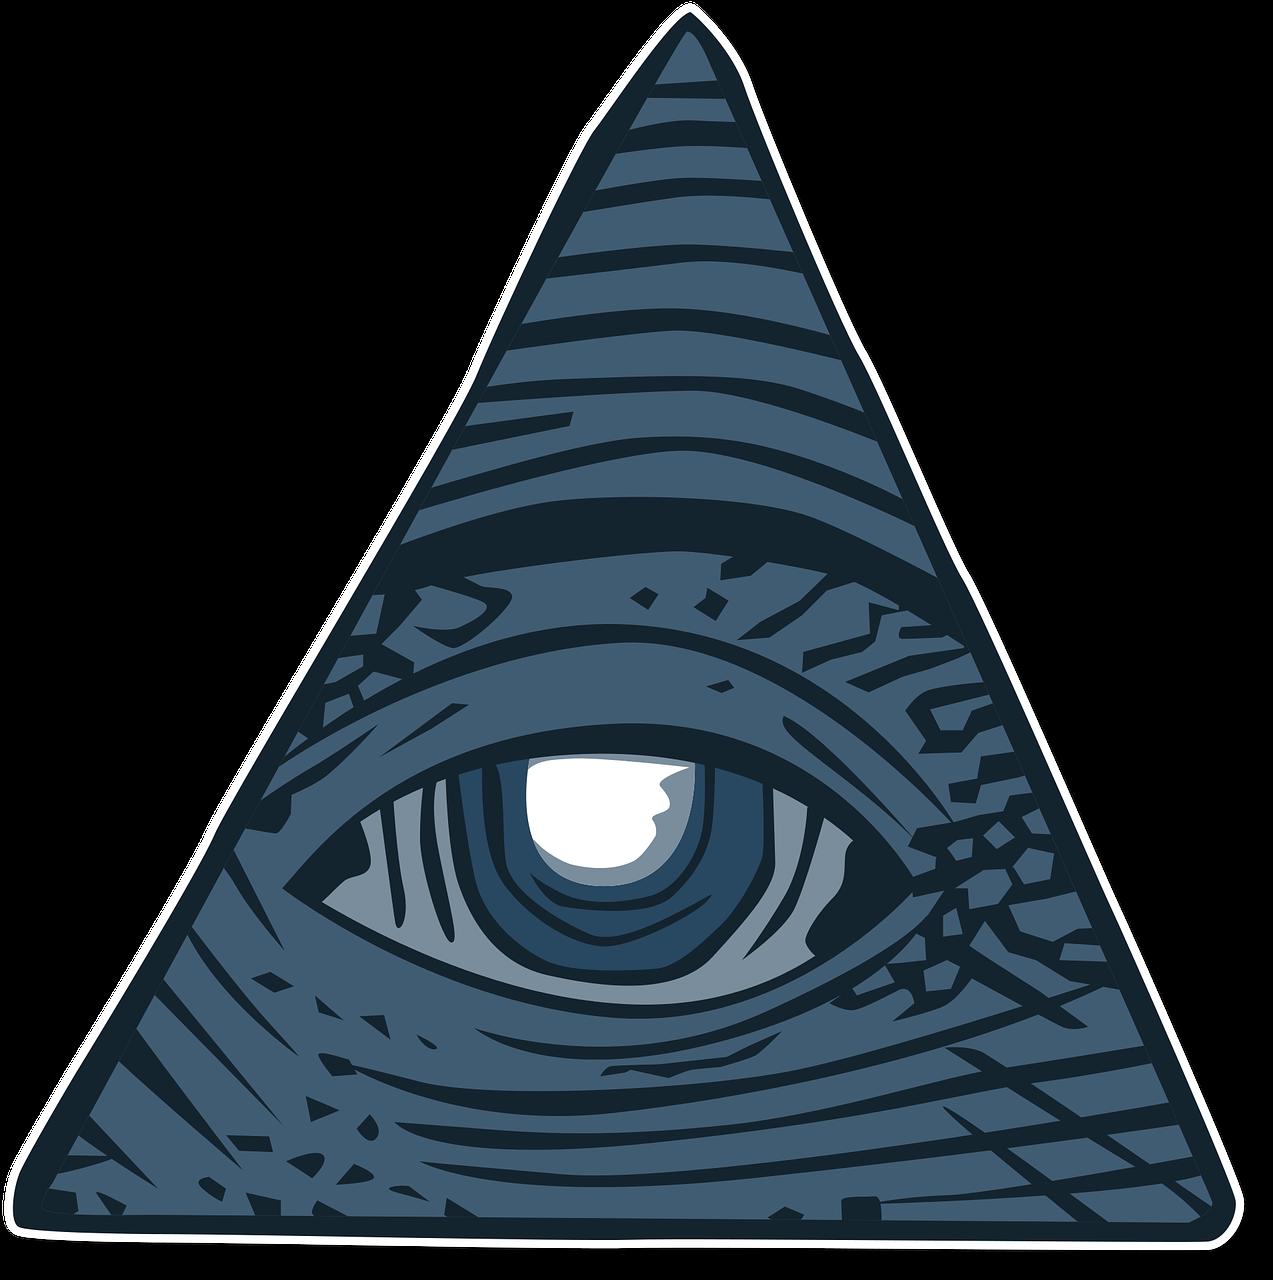 Entschwör dich! - Verschwörungserzählungen und der Umgang damit